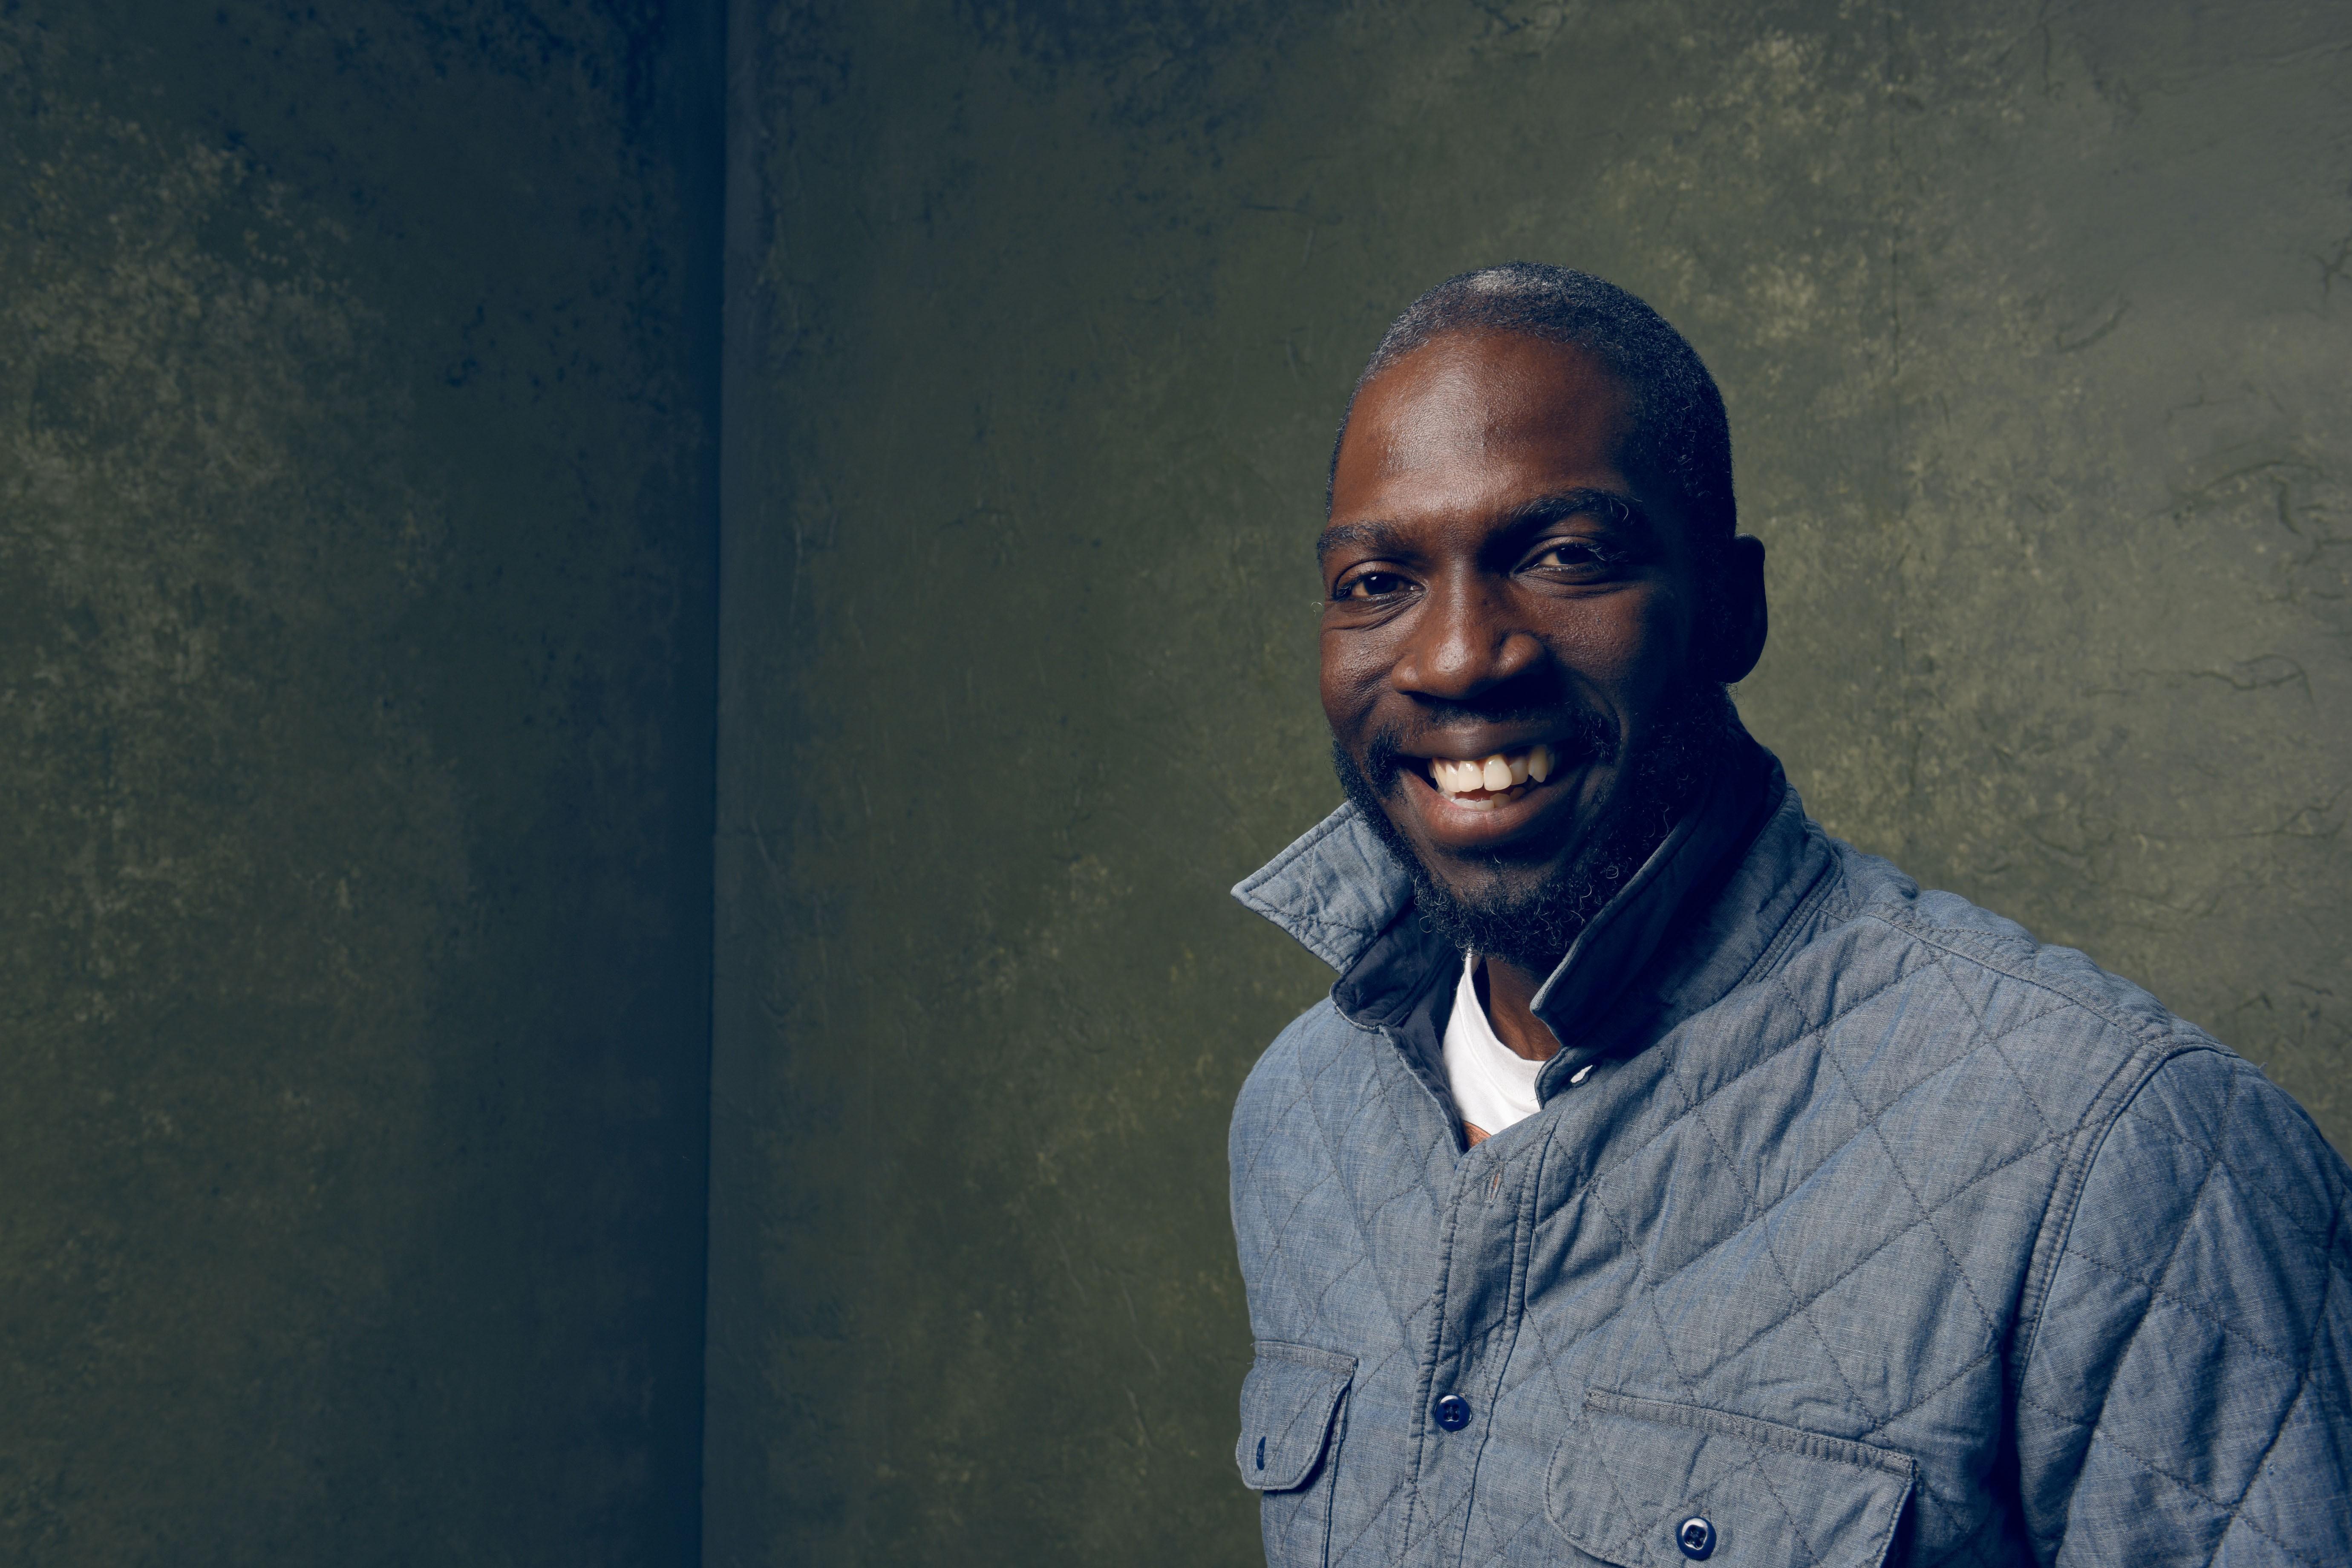 A produção do filme ficará por conta de Rick Famuyiwa, segundo o site Deadline (Foto: Getty Images)